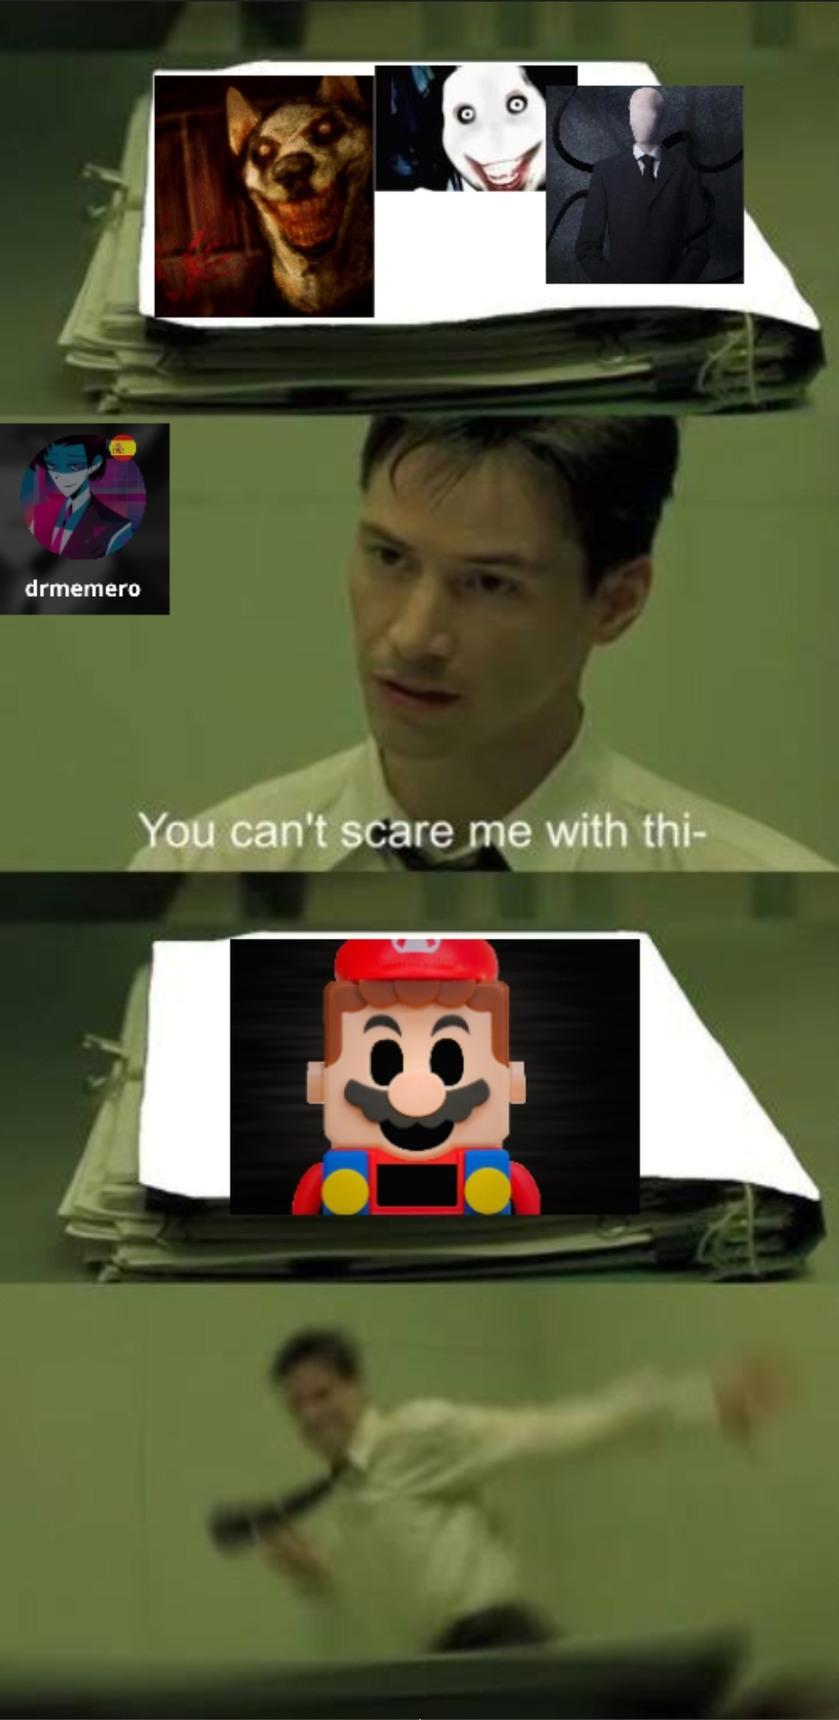 Contexto: Al principio cuando apagas un lego mario da más miedo que un creepypasta - meme